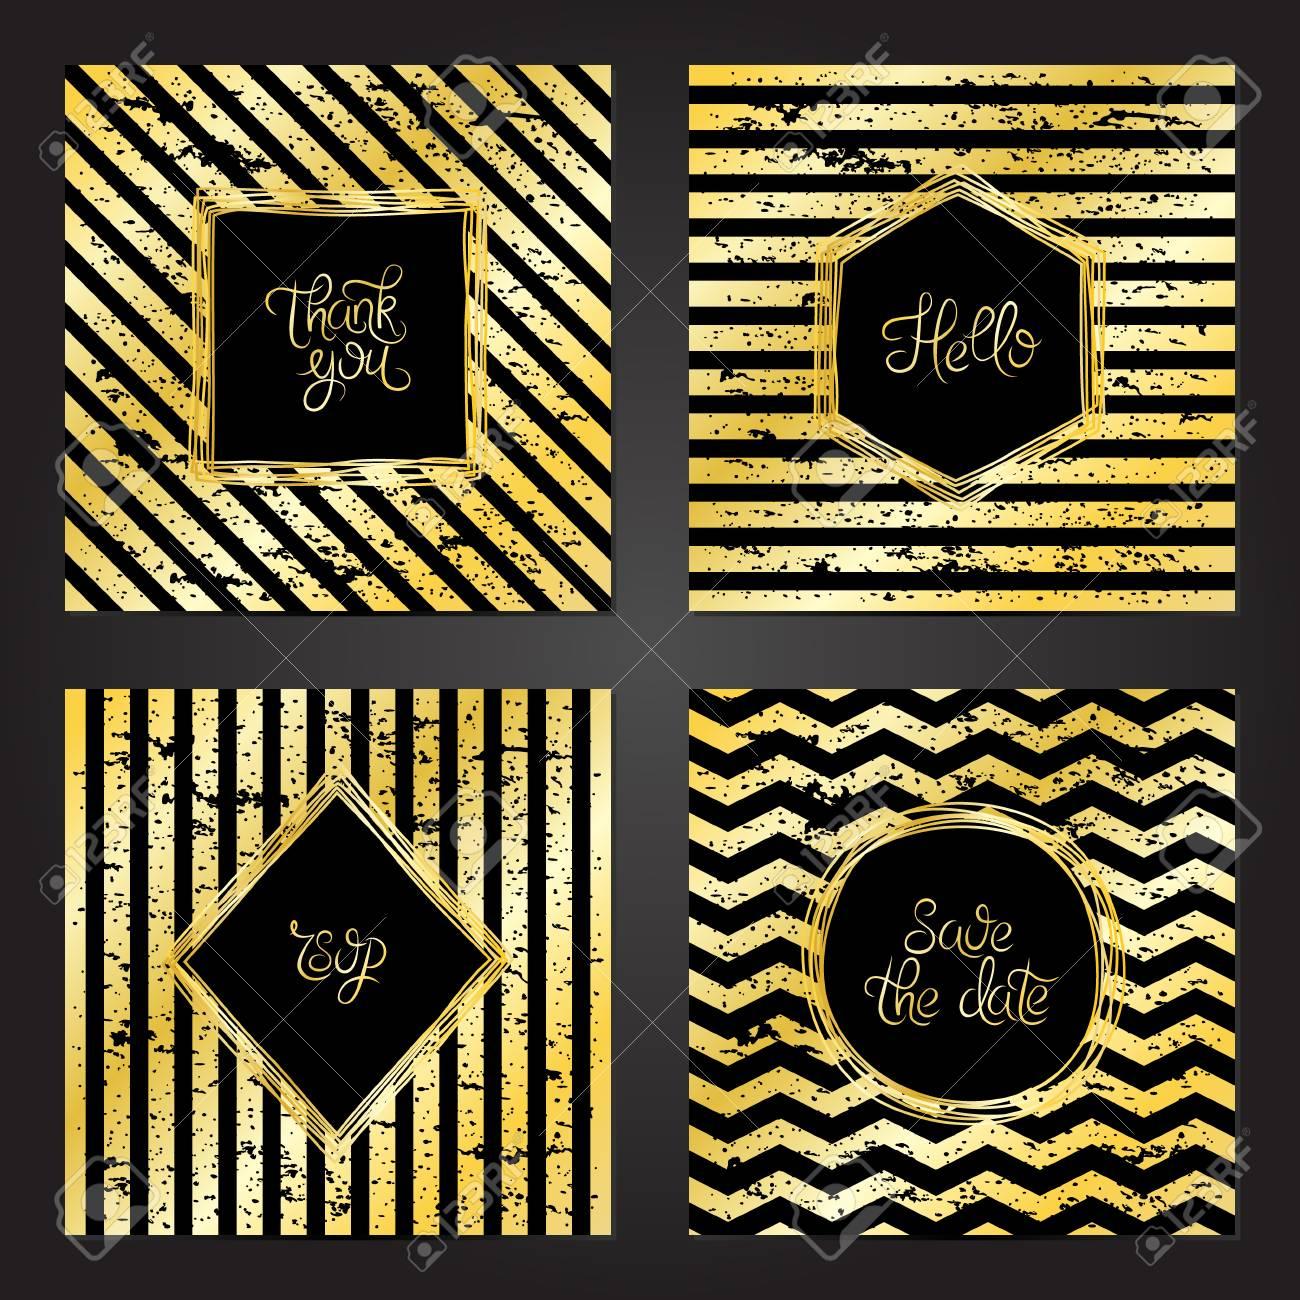 Colección De 4 Plantillas De Tarjetas Vintage En Colores Dorado Y Negro Y Con Un Marco Para La Boda El Matrimonio Guardar Las Tarjetas De Fecha